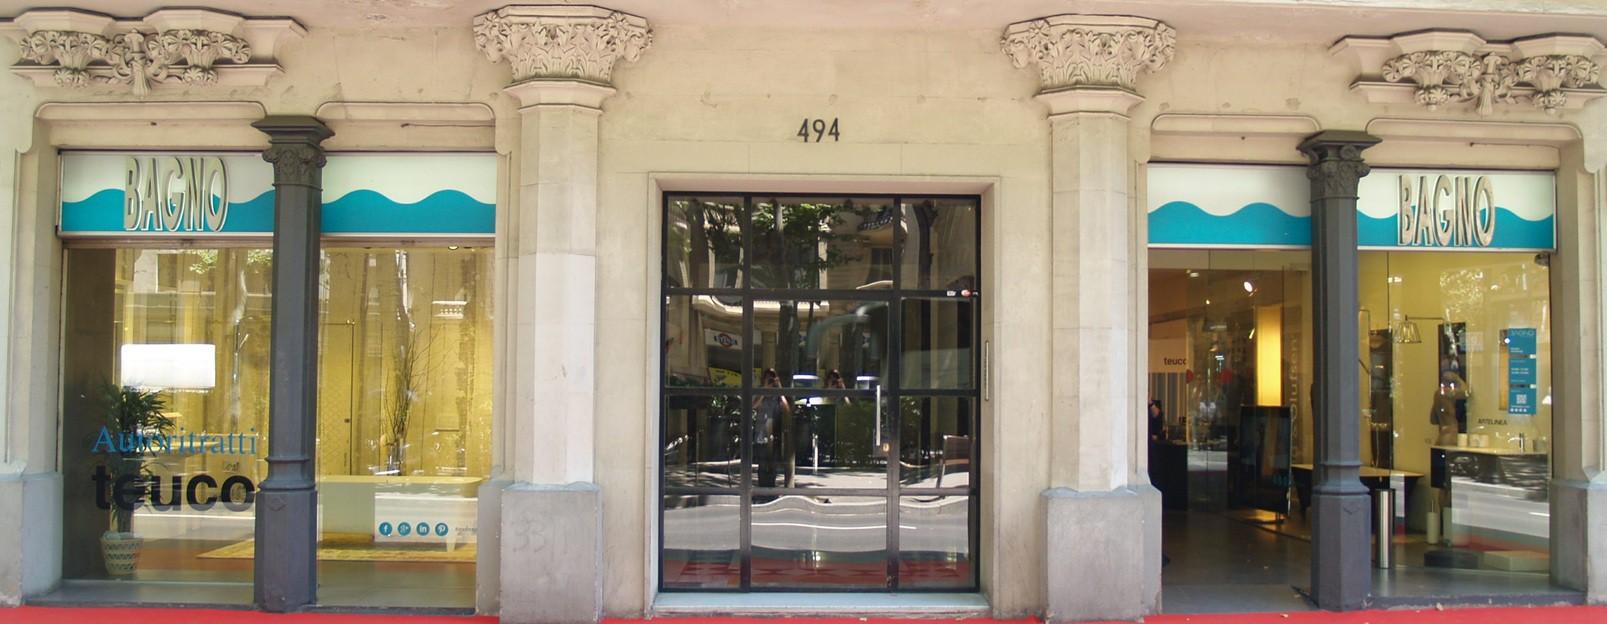 Entrada tienda Tono Bagno - Barcelona